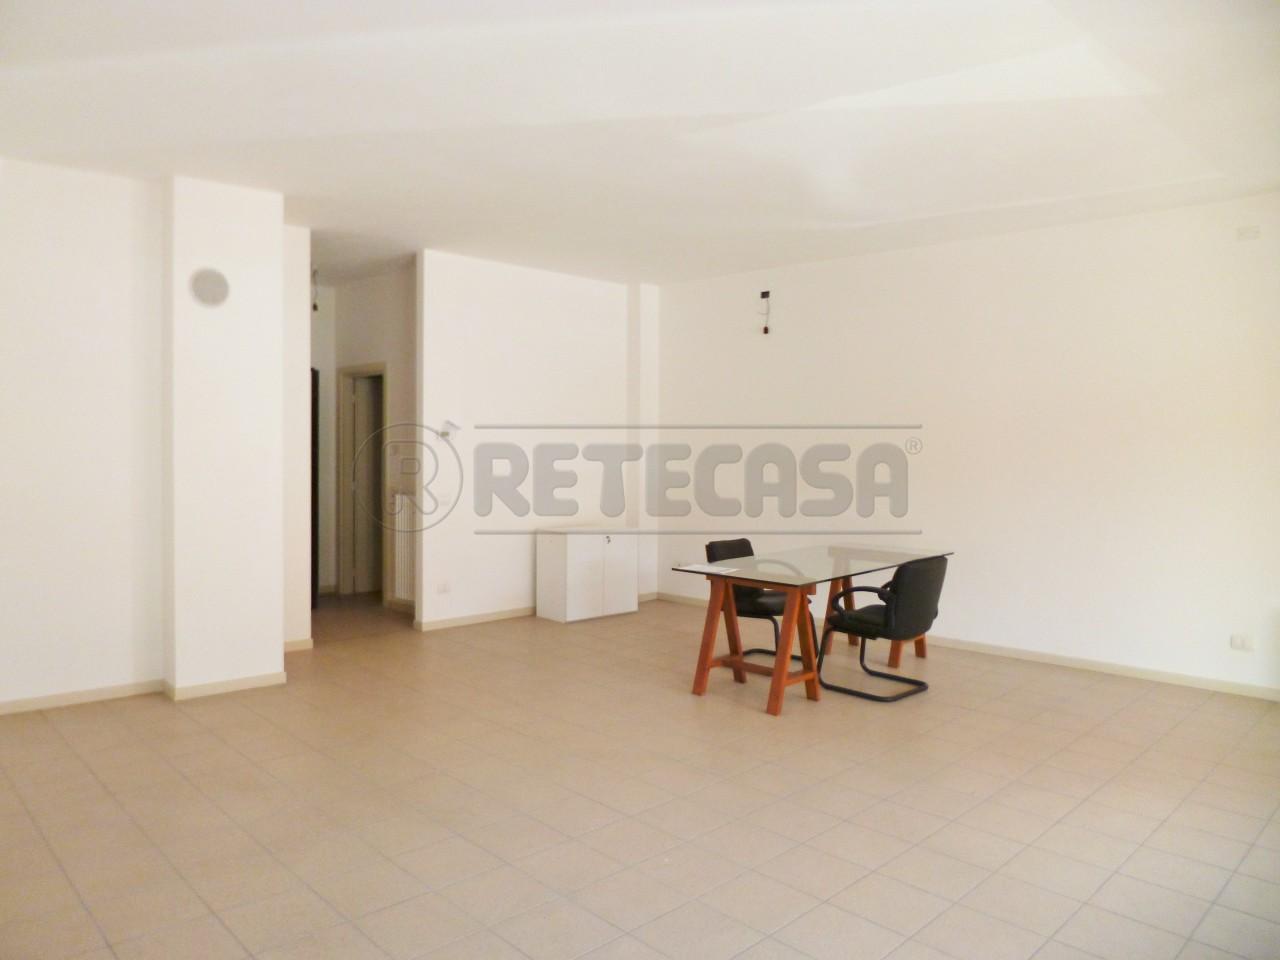 Negozio / Locale in vendita a Chiampo, 9999 locali, prezzo € 100.000 | CambioCasa.it